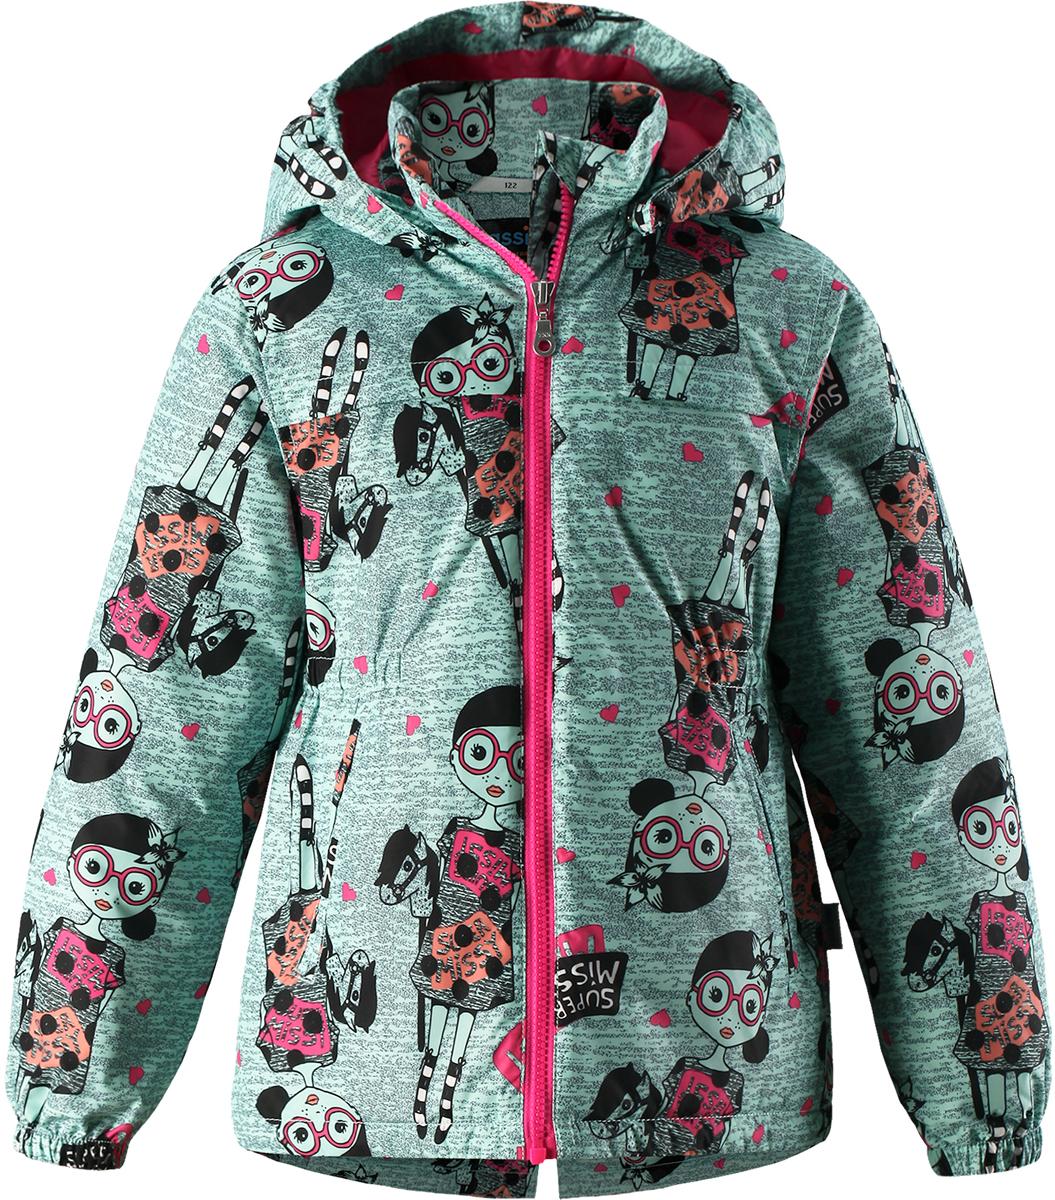 Куртка для девочки Lassie, цвет: зеленый. 721724R8731. Размер 116721724R8731Детская куртка Lassie идеально подойдет для ребенка в холодное время года. Куртка изготовлена из водоотталкивающей и ветрозащитной ткани. Материал отличается высокой устойчивостью к трению, благодаря специальной обработке полиуретаном поверхность изделия отталкивает грязь и воду, что облегчает поддержание аккуратного вида одежды, дышащее покрытие с изнаночной части не раздражает даже самую нежную и чувствительную кожу ребенка, обеспечивая ему наибольший комфорт. Куртка застегивается на пластиковую застежку-молнию с защитой подбородка, благодаря чему ее легко надевать и снимать. Края рукавов дополнены неширокими эластичными манжетами. Спереди куртка дополнена двумя прорезными кармашками. Также модель дополнена светоотражающими элементами для безопасности в темное время суток. Все швы проклеены, не пропускают влагу и ветер.